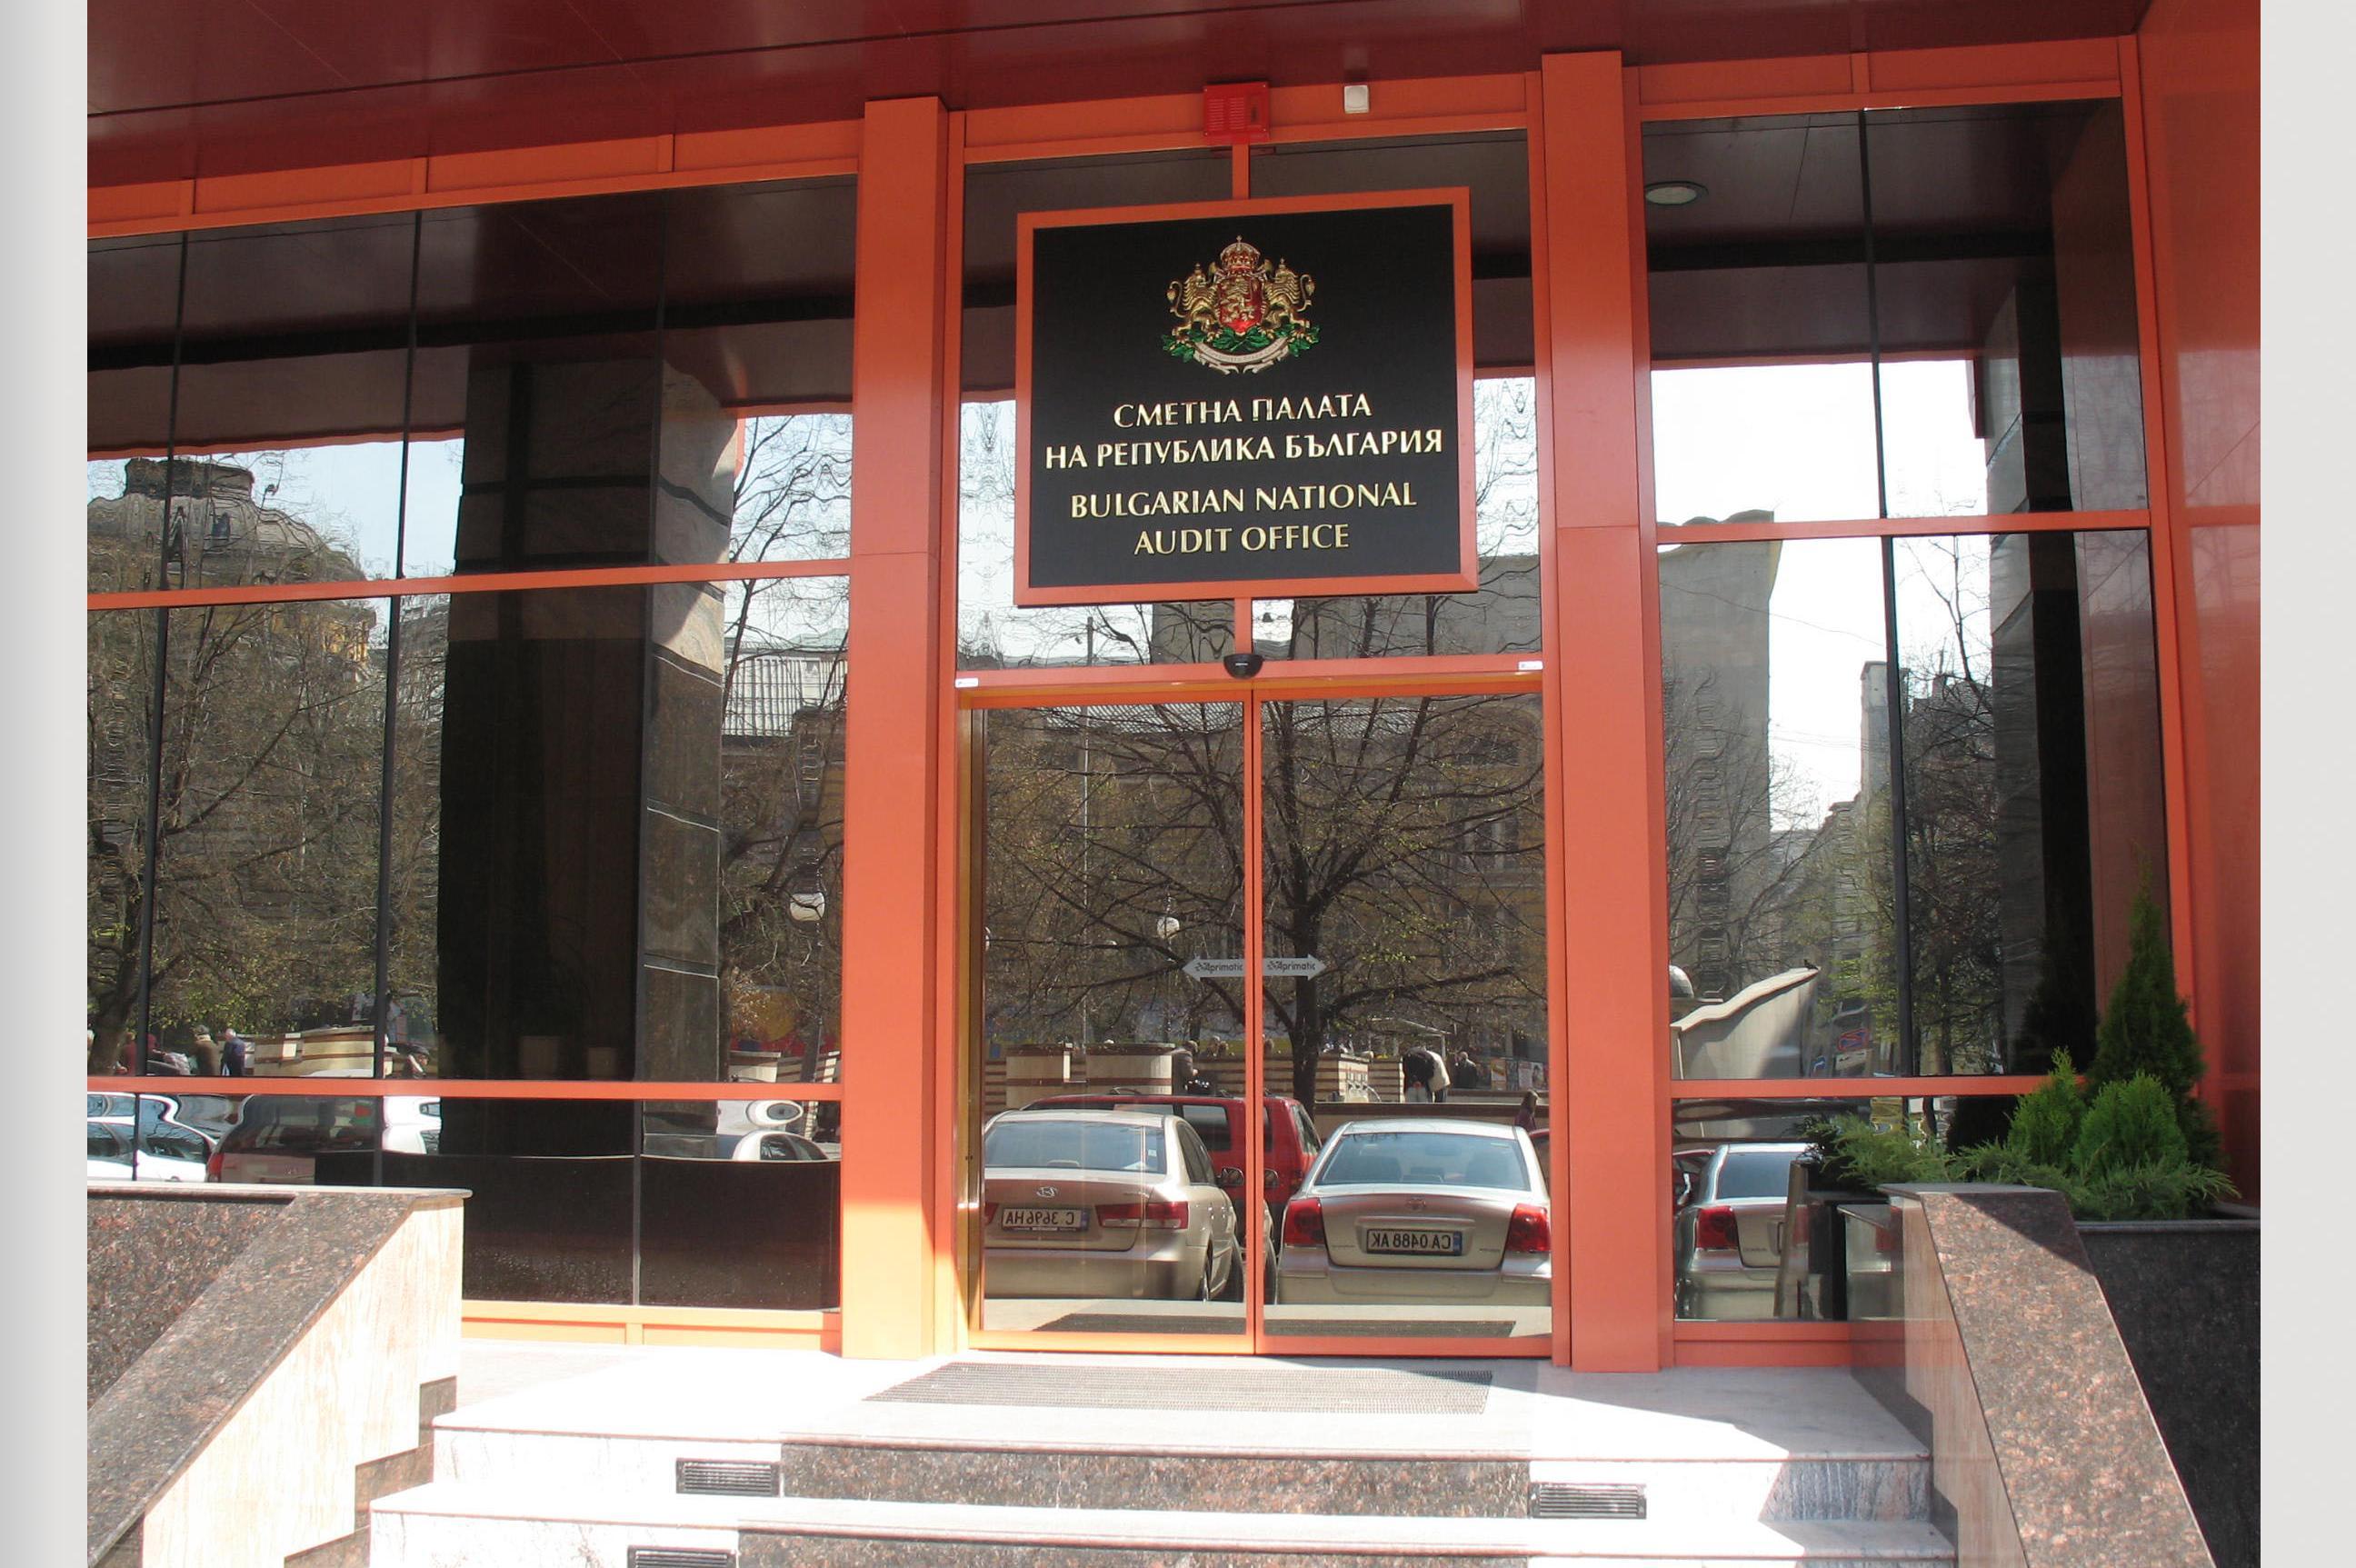 Общински съветници искат  Сметната палата да извърши одит на ЦГМ